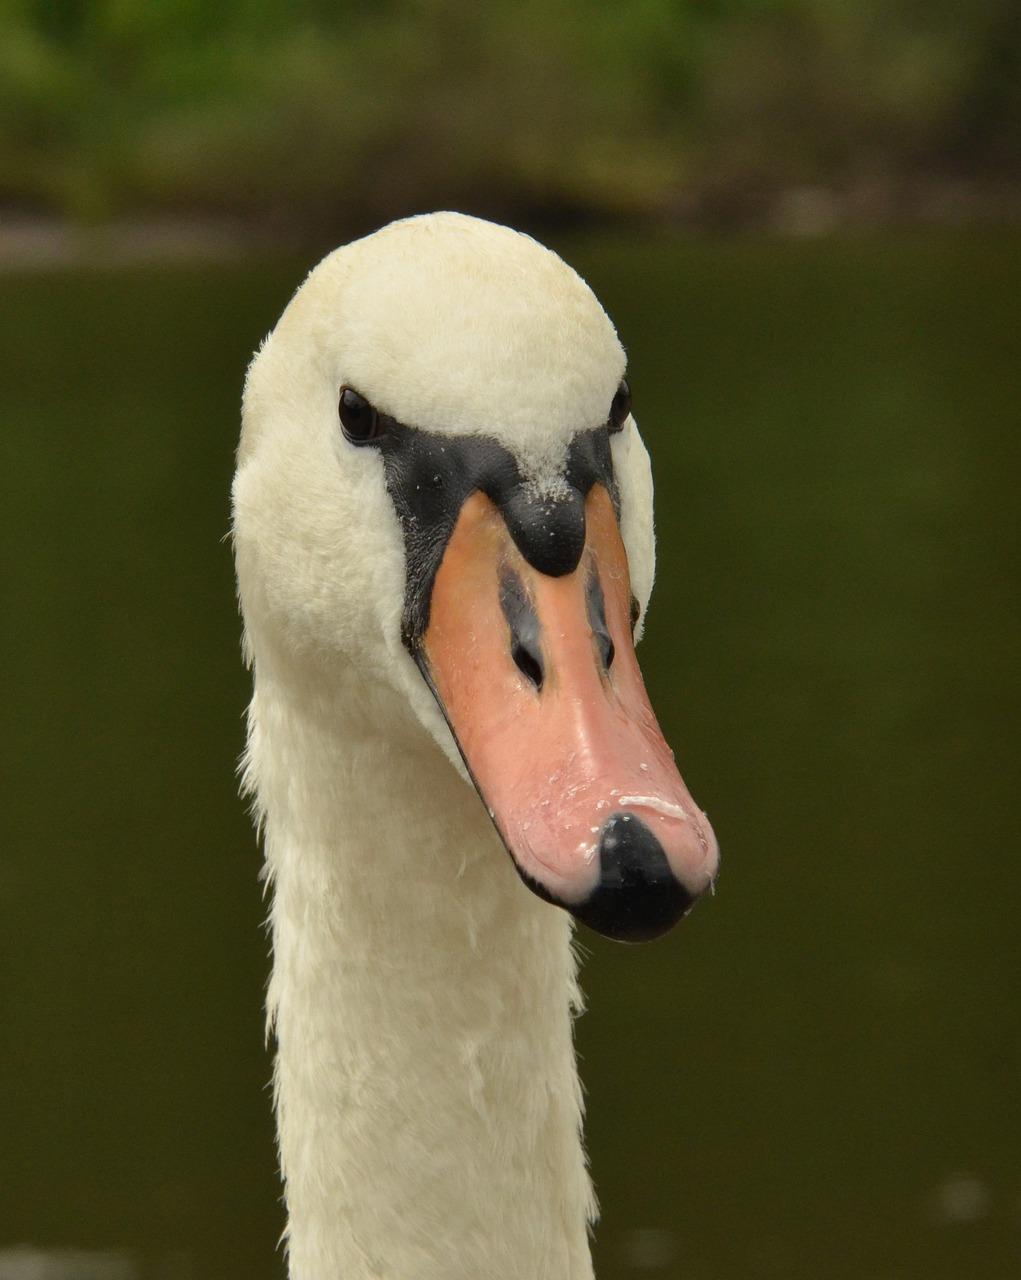 модели голова лебедя фото написали